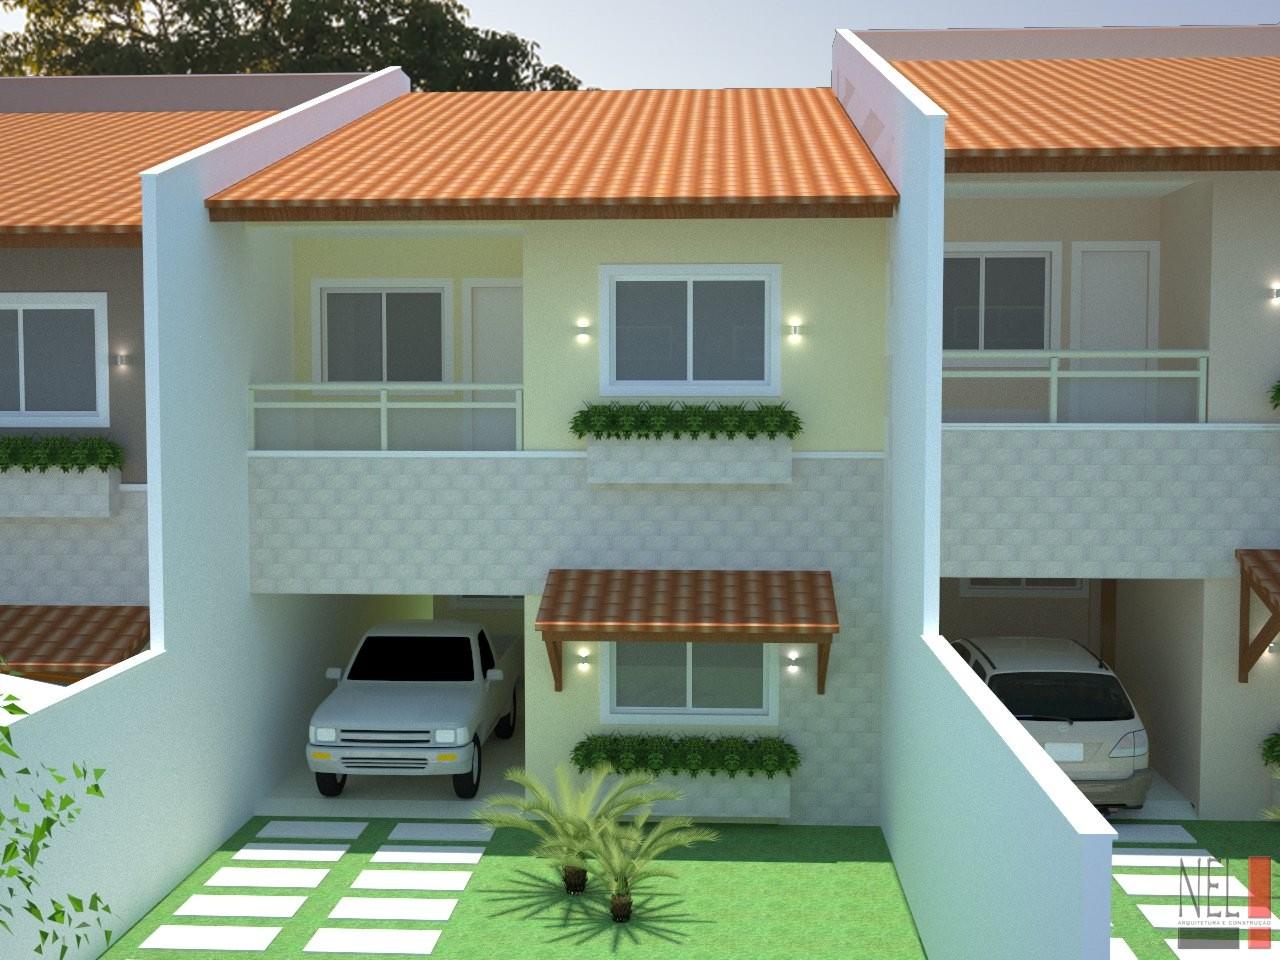 Fachadas de casas geminadas e modernas fotos decorando casas for Casas duplex modernas